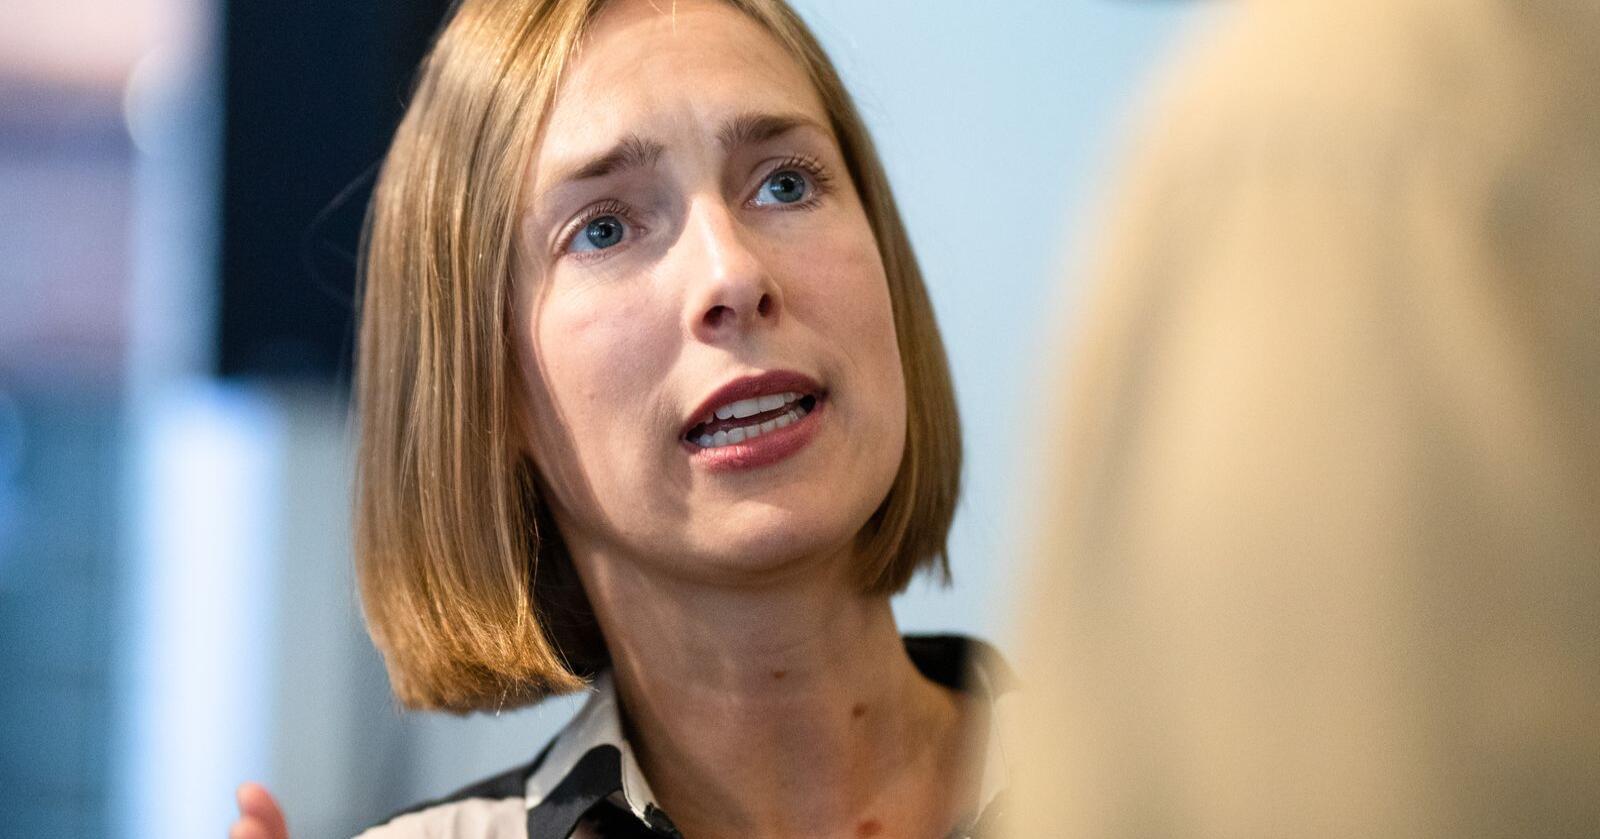 Forsknings- og høyere utdanningsminister Iselin Nybø (V). Foto: Audun Braastad / NTB scanpix